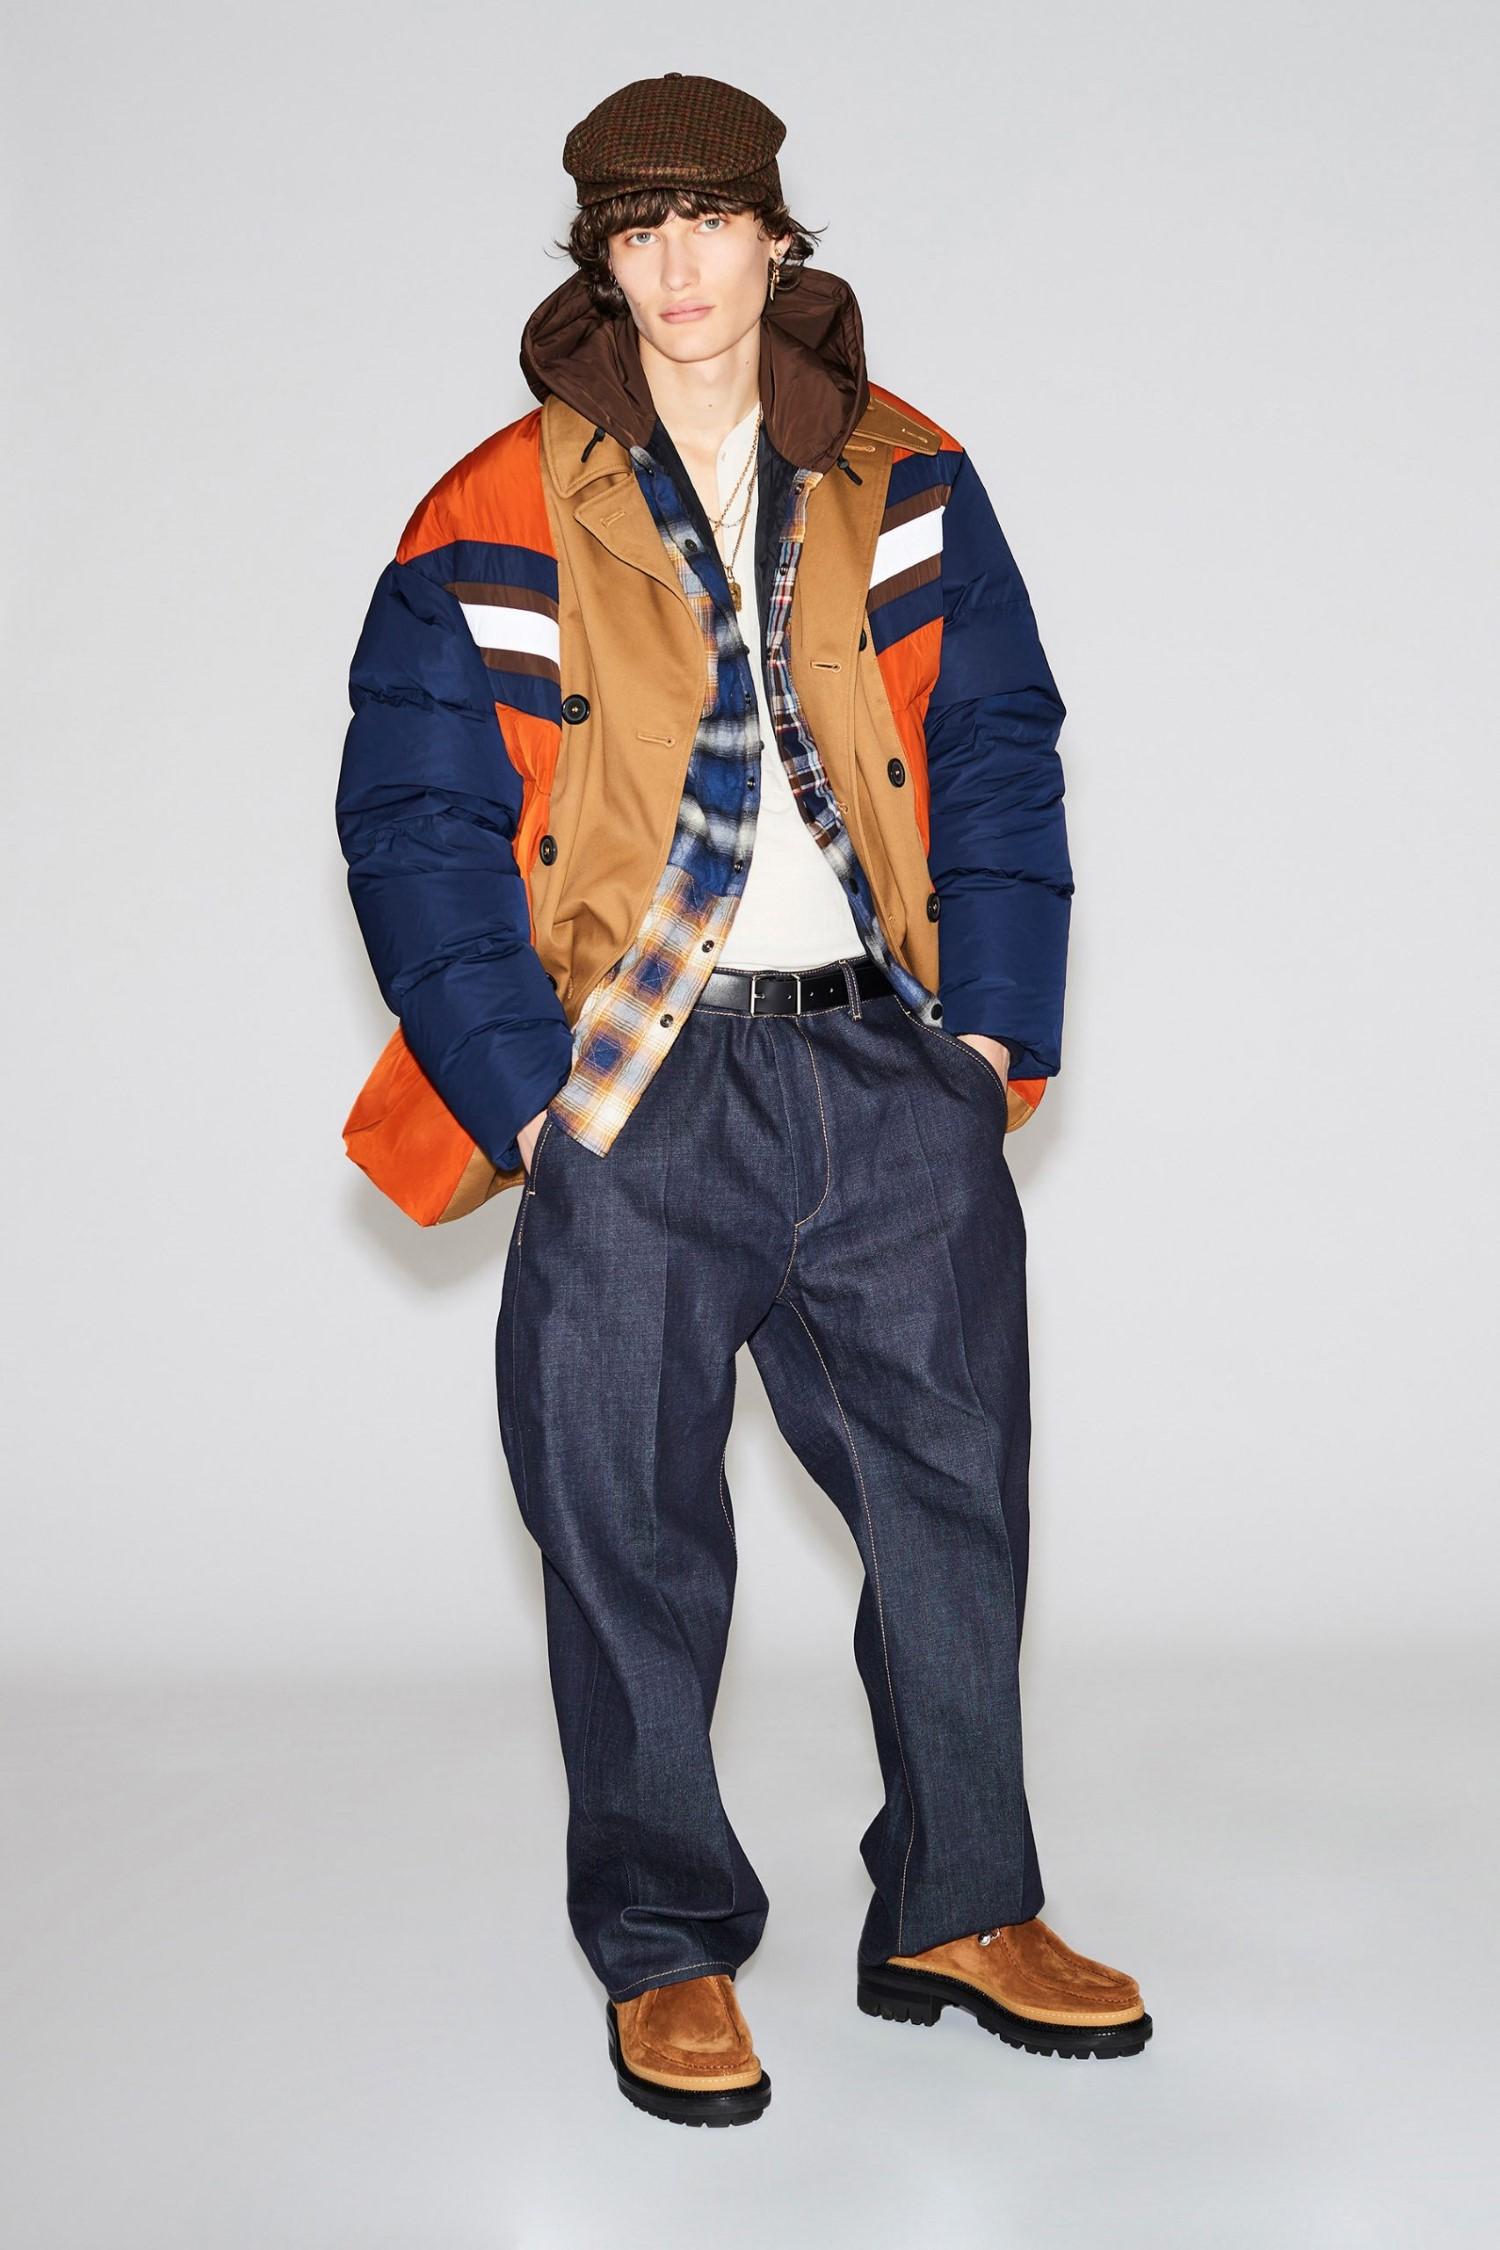 Dsquared2 Men's Fall Winter 2021 - Milan Fashion Week